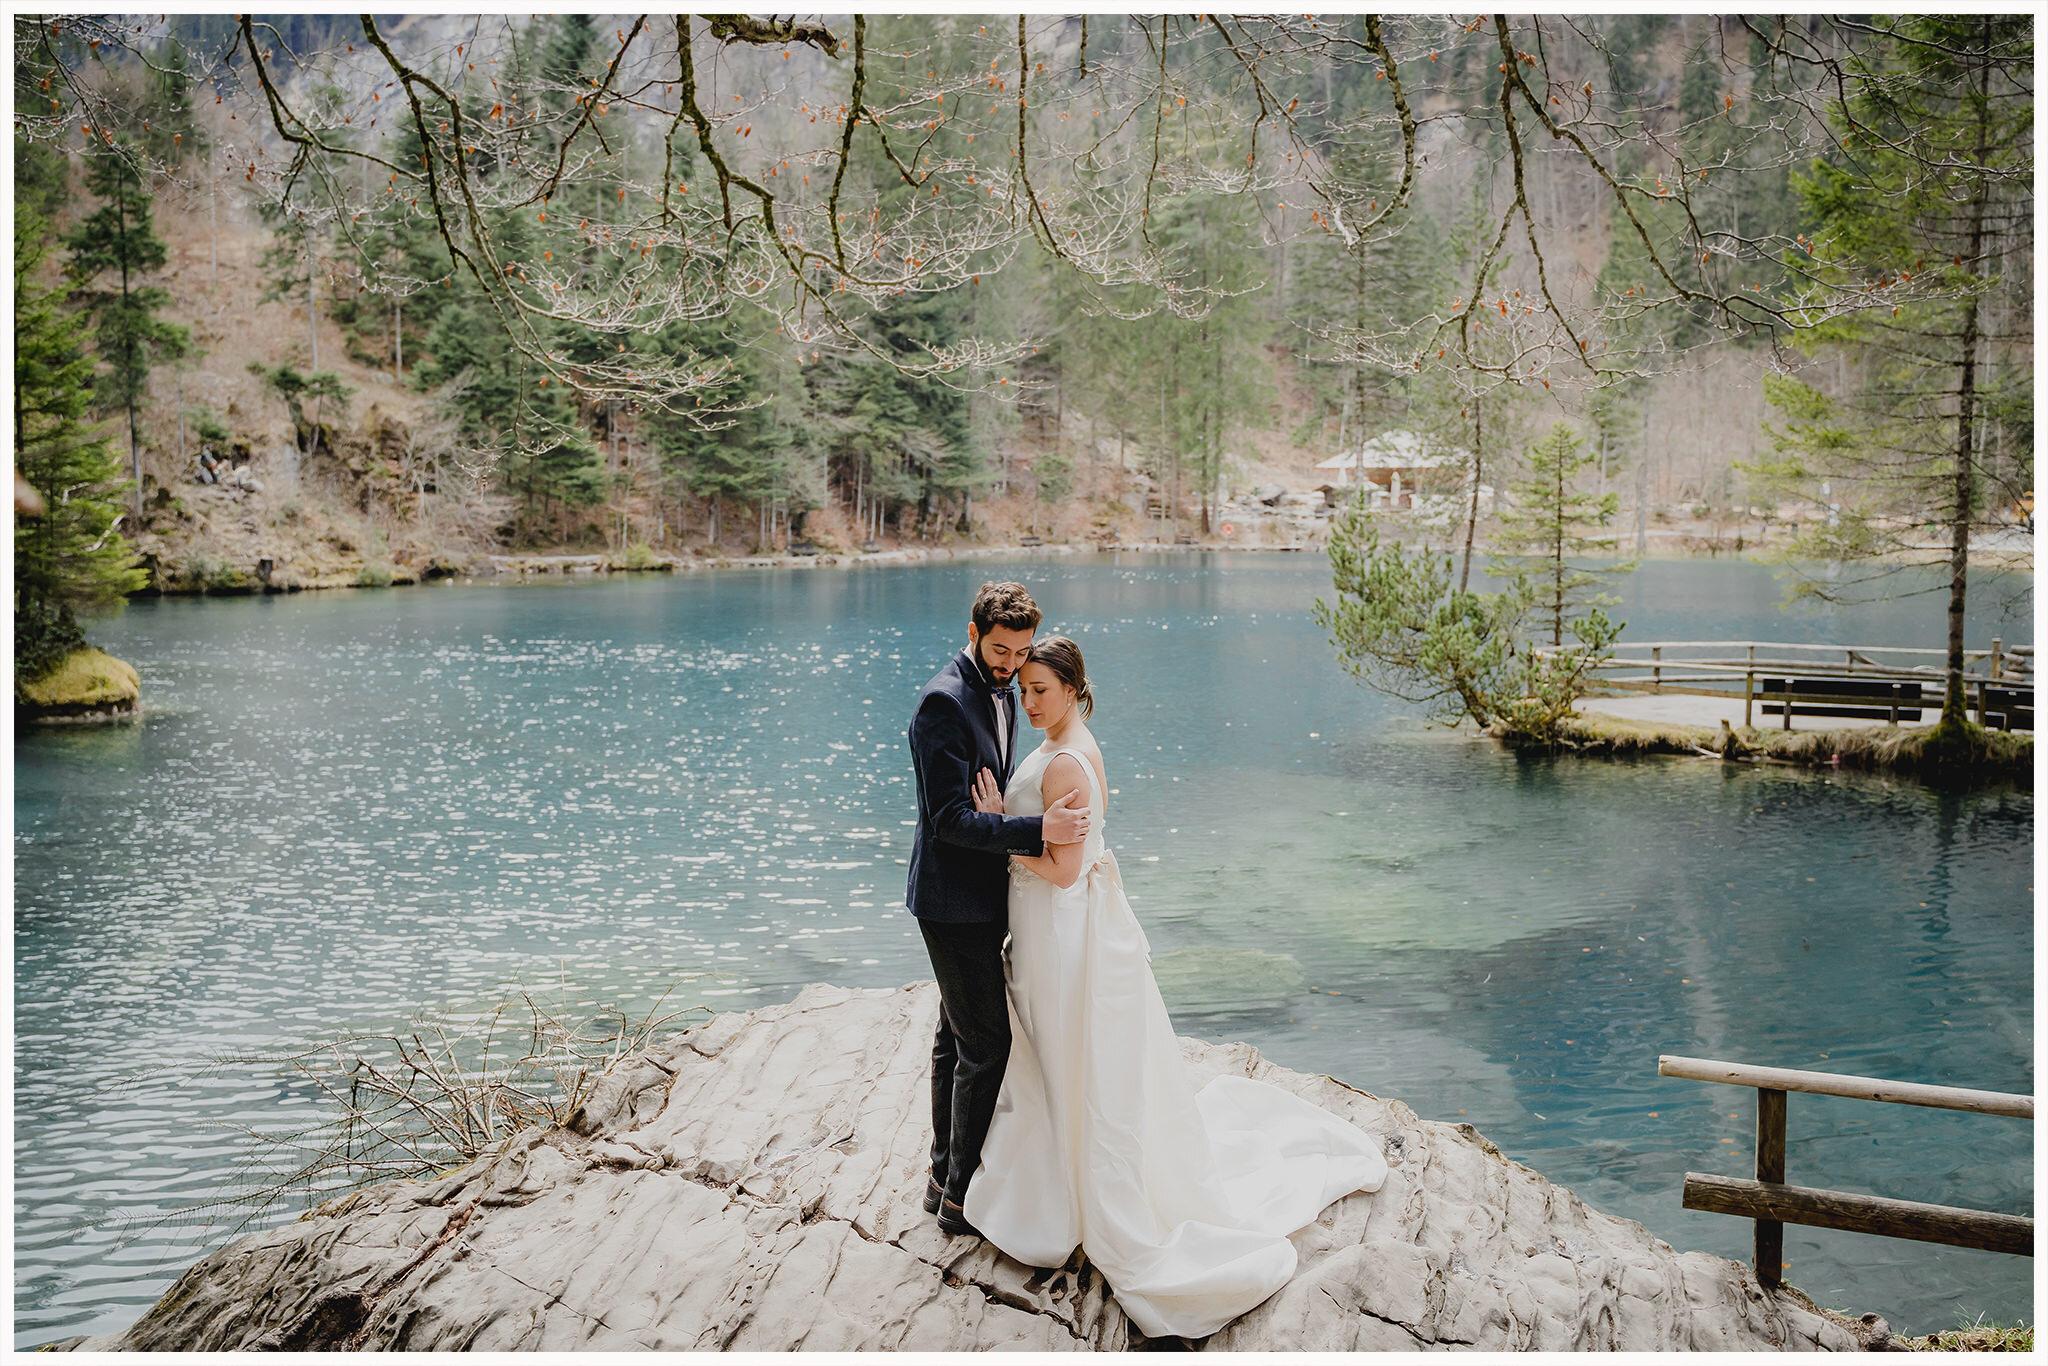 dreamsaanddreamers.com-fotograf-nunta-romania-21.jpg